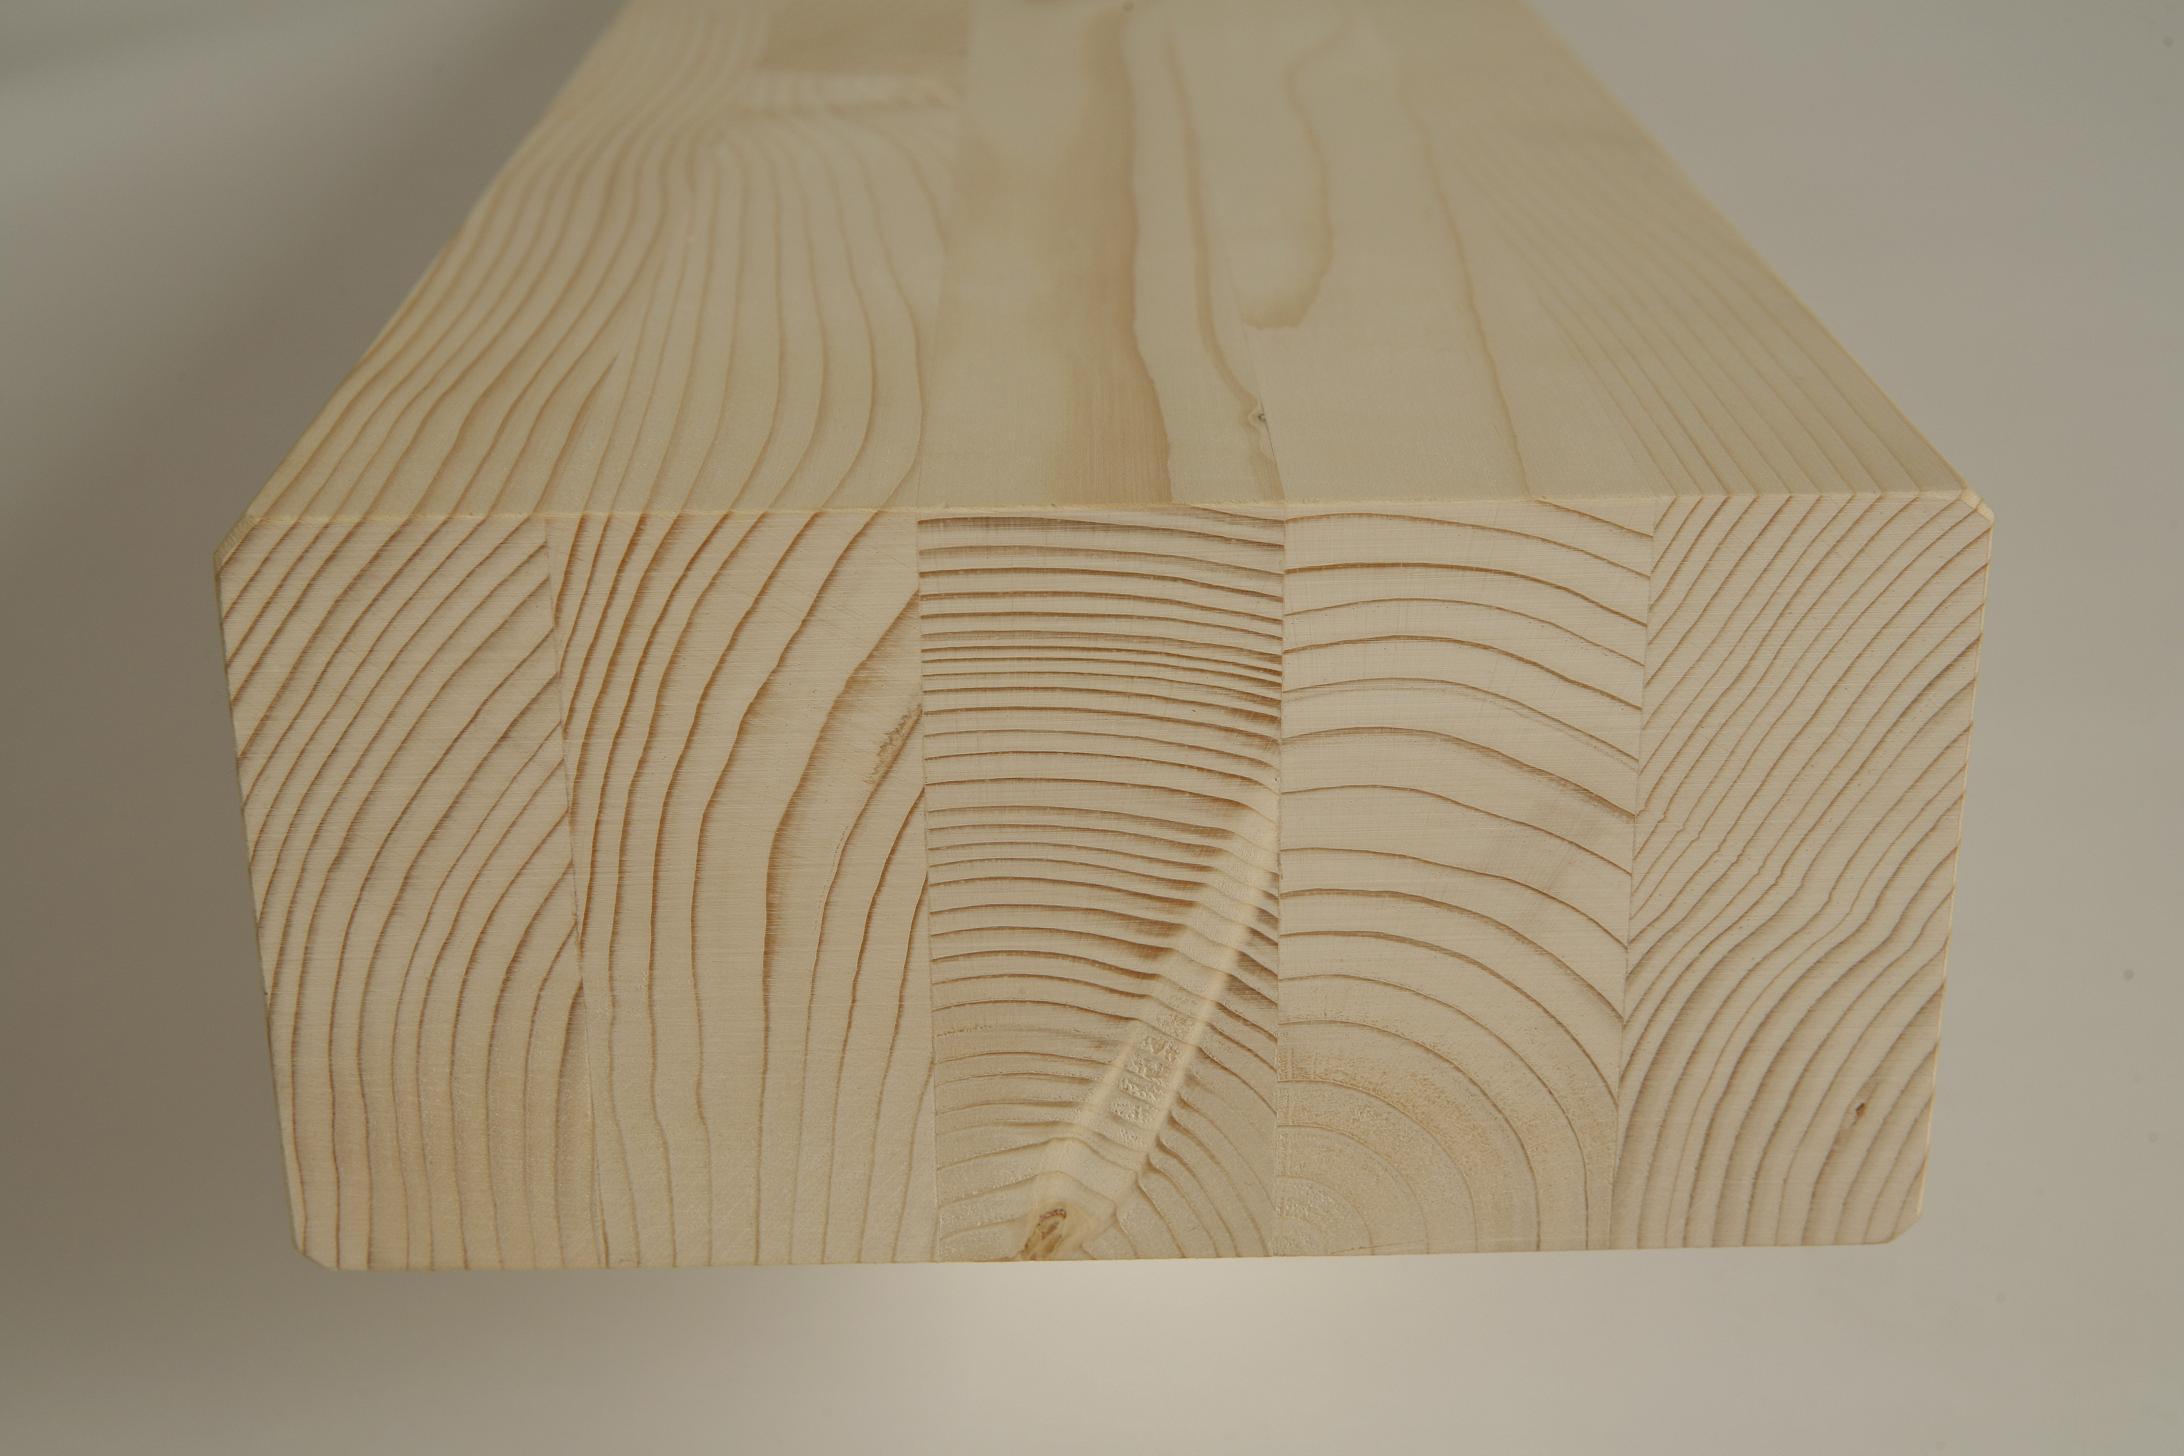 Ангарская сосна, сибирский кедр или лиственница – древесина для клееного бруса